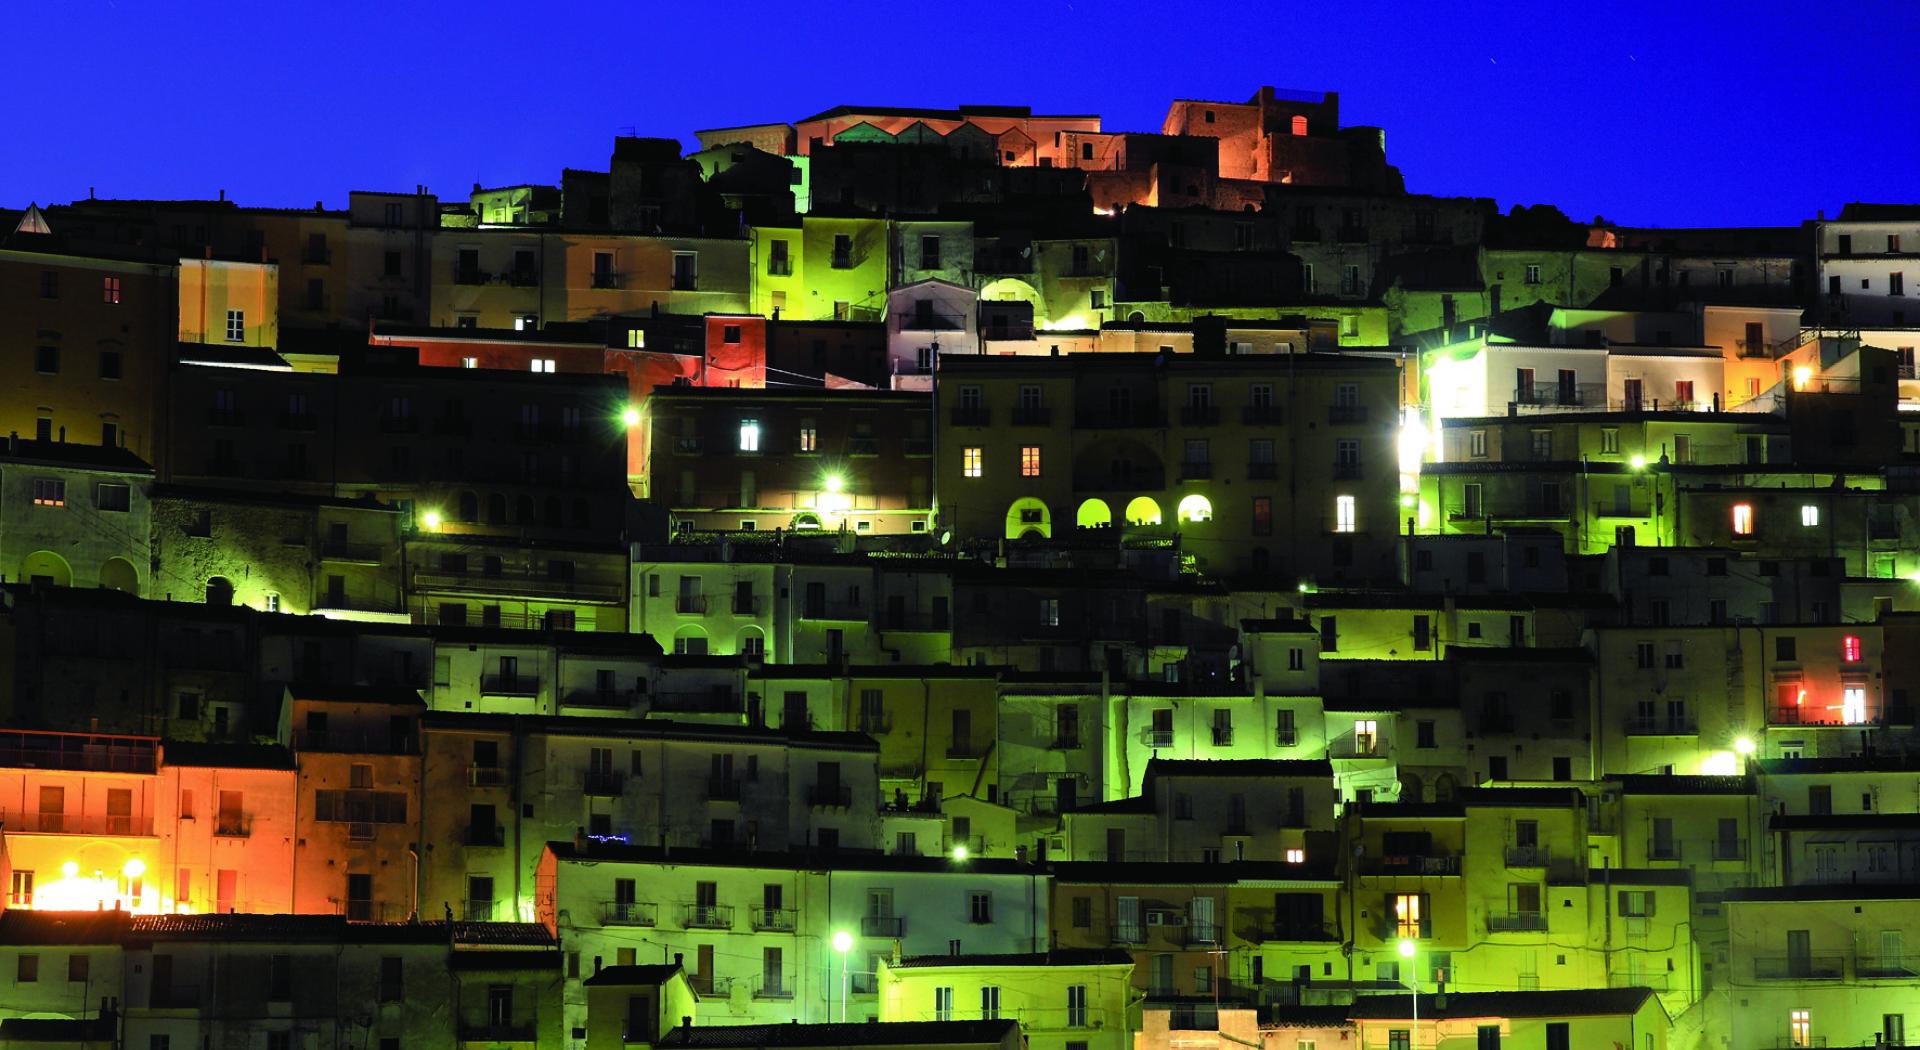 Vista notturna di Calitri